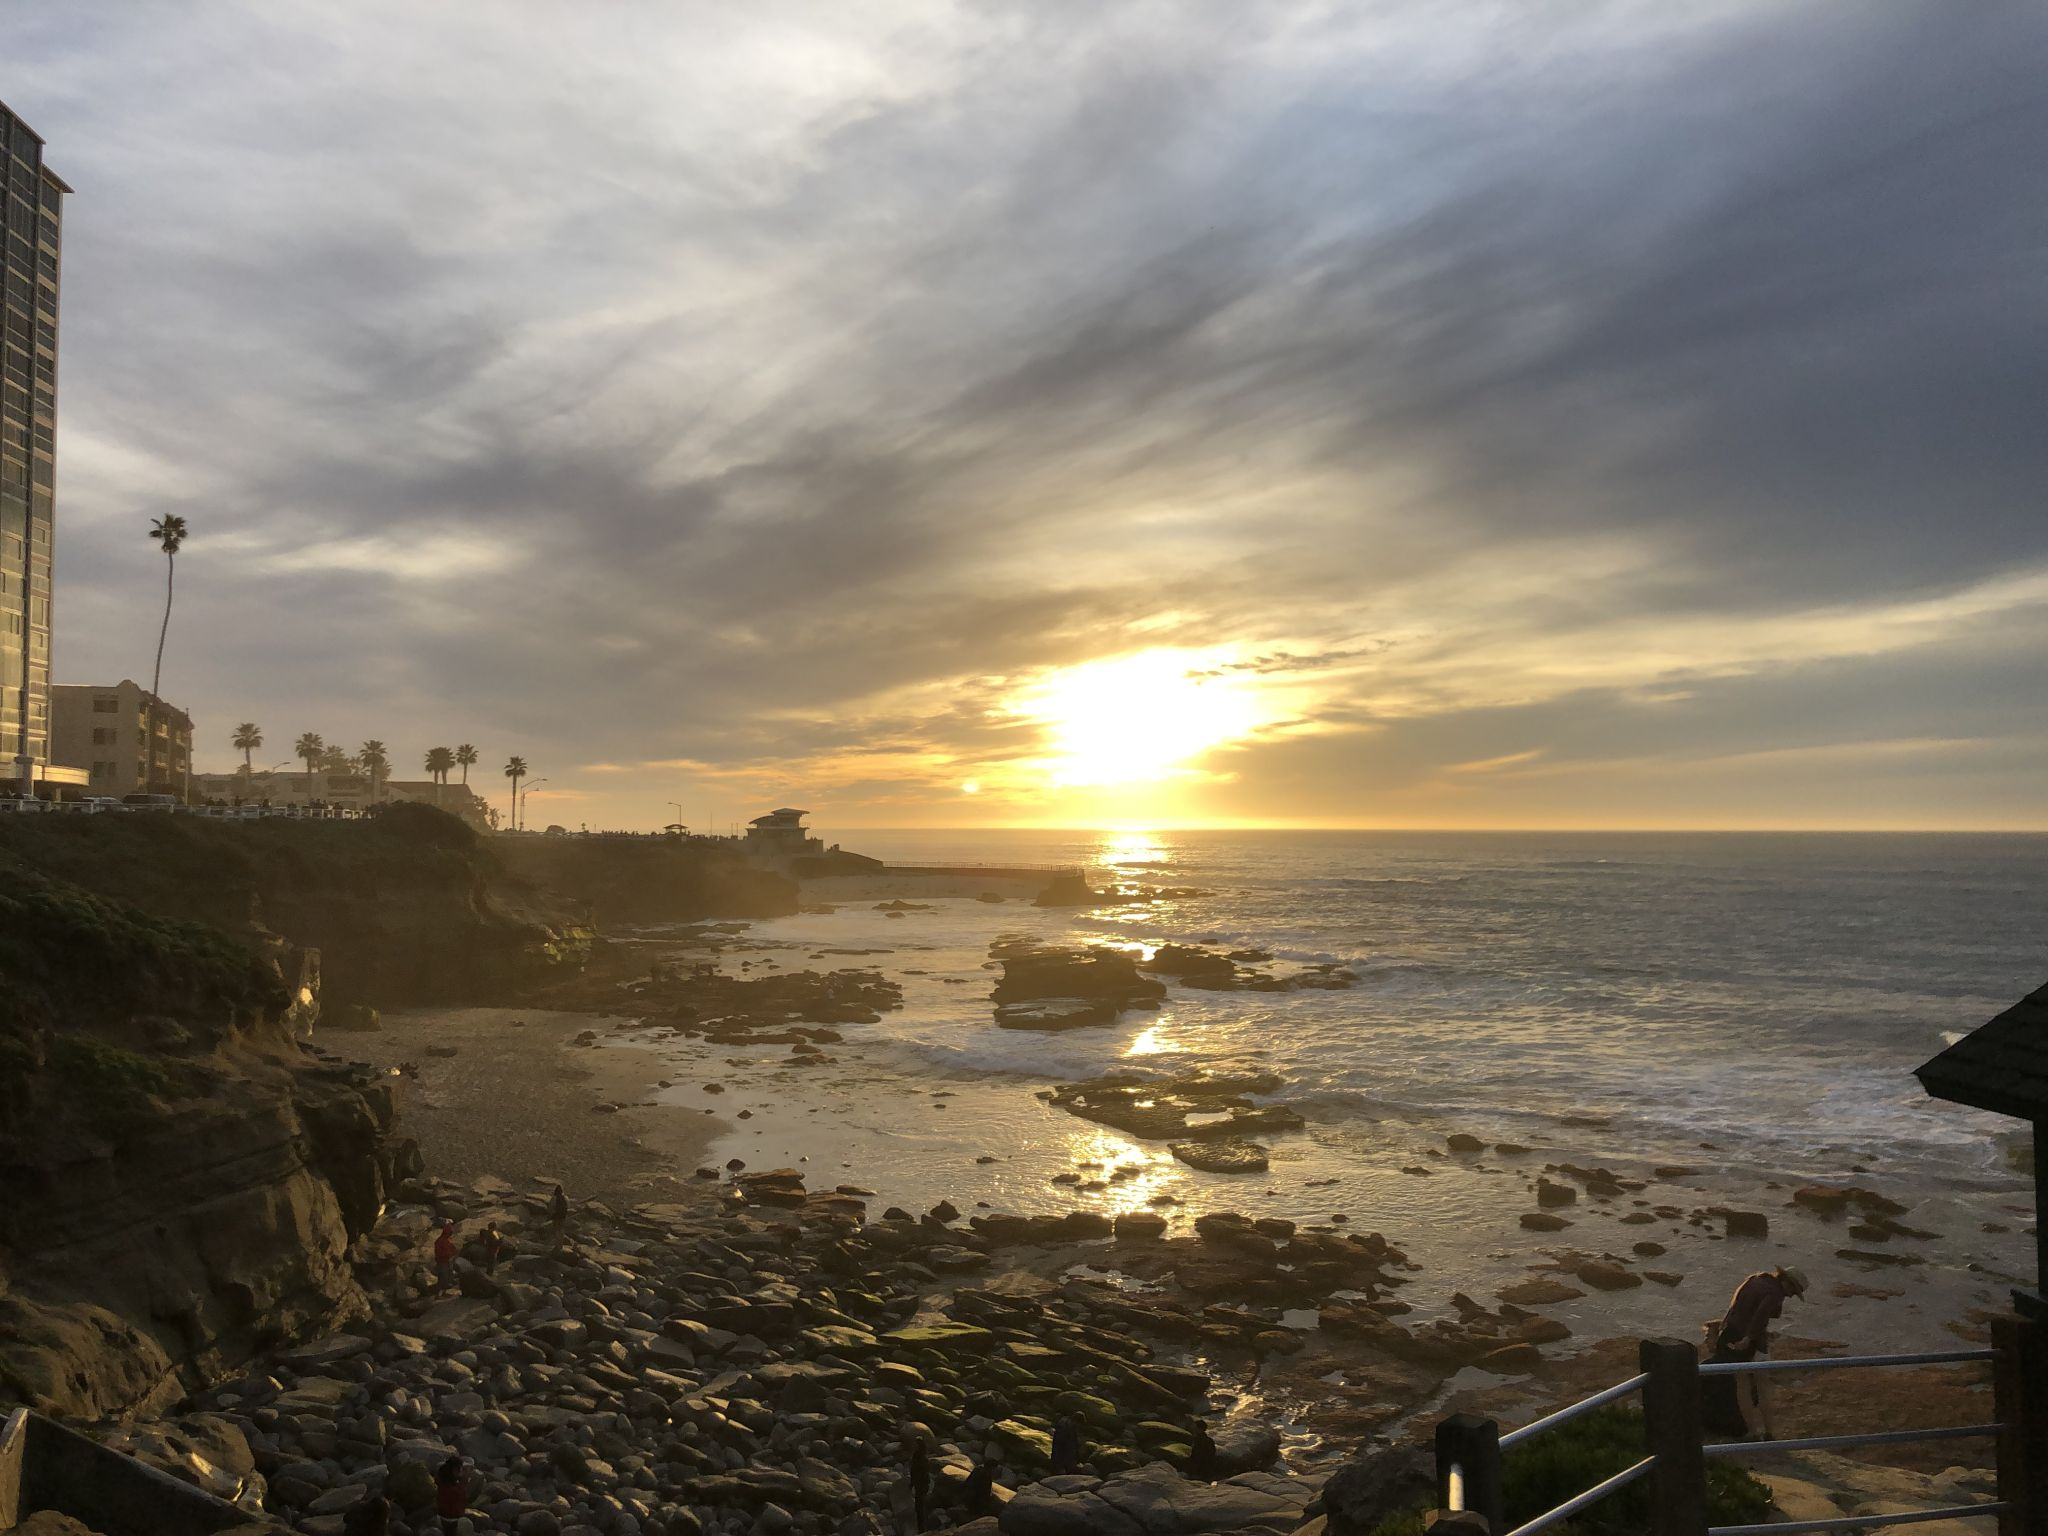 Sunset La Jolla cove, USA